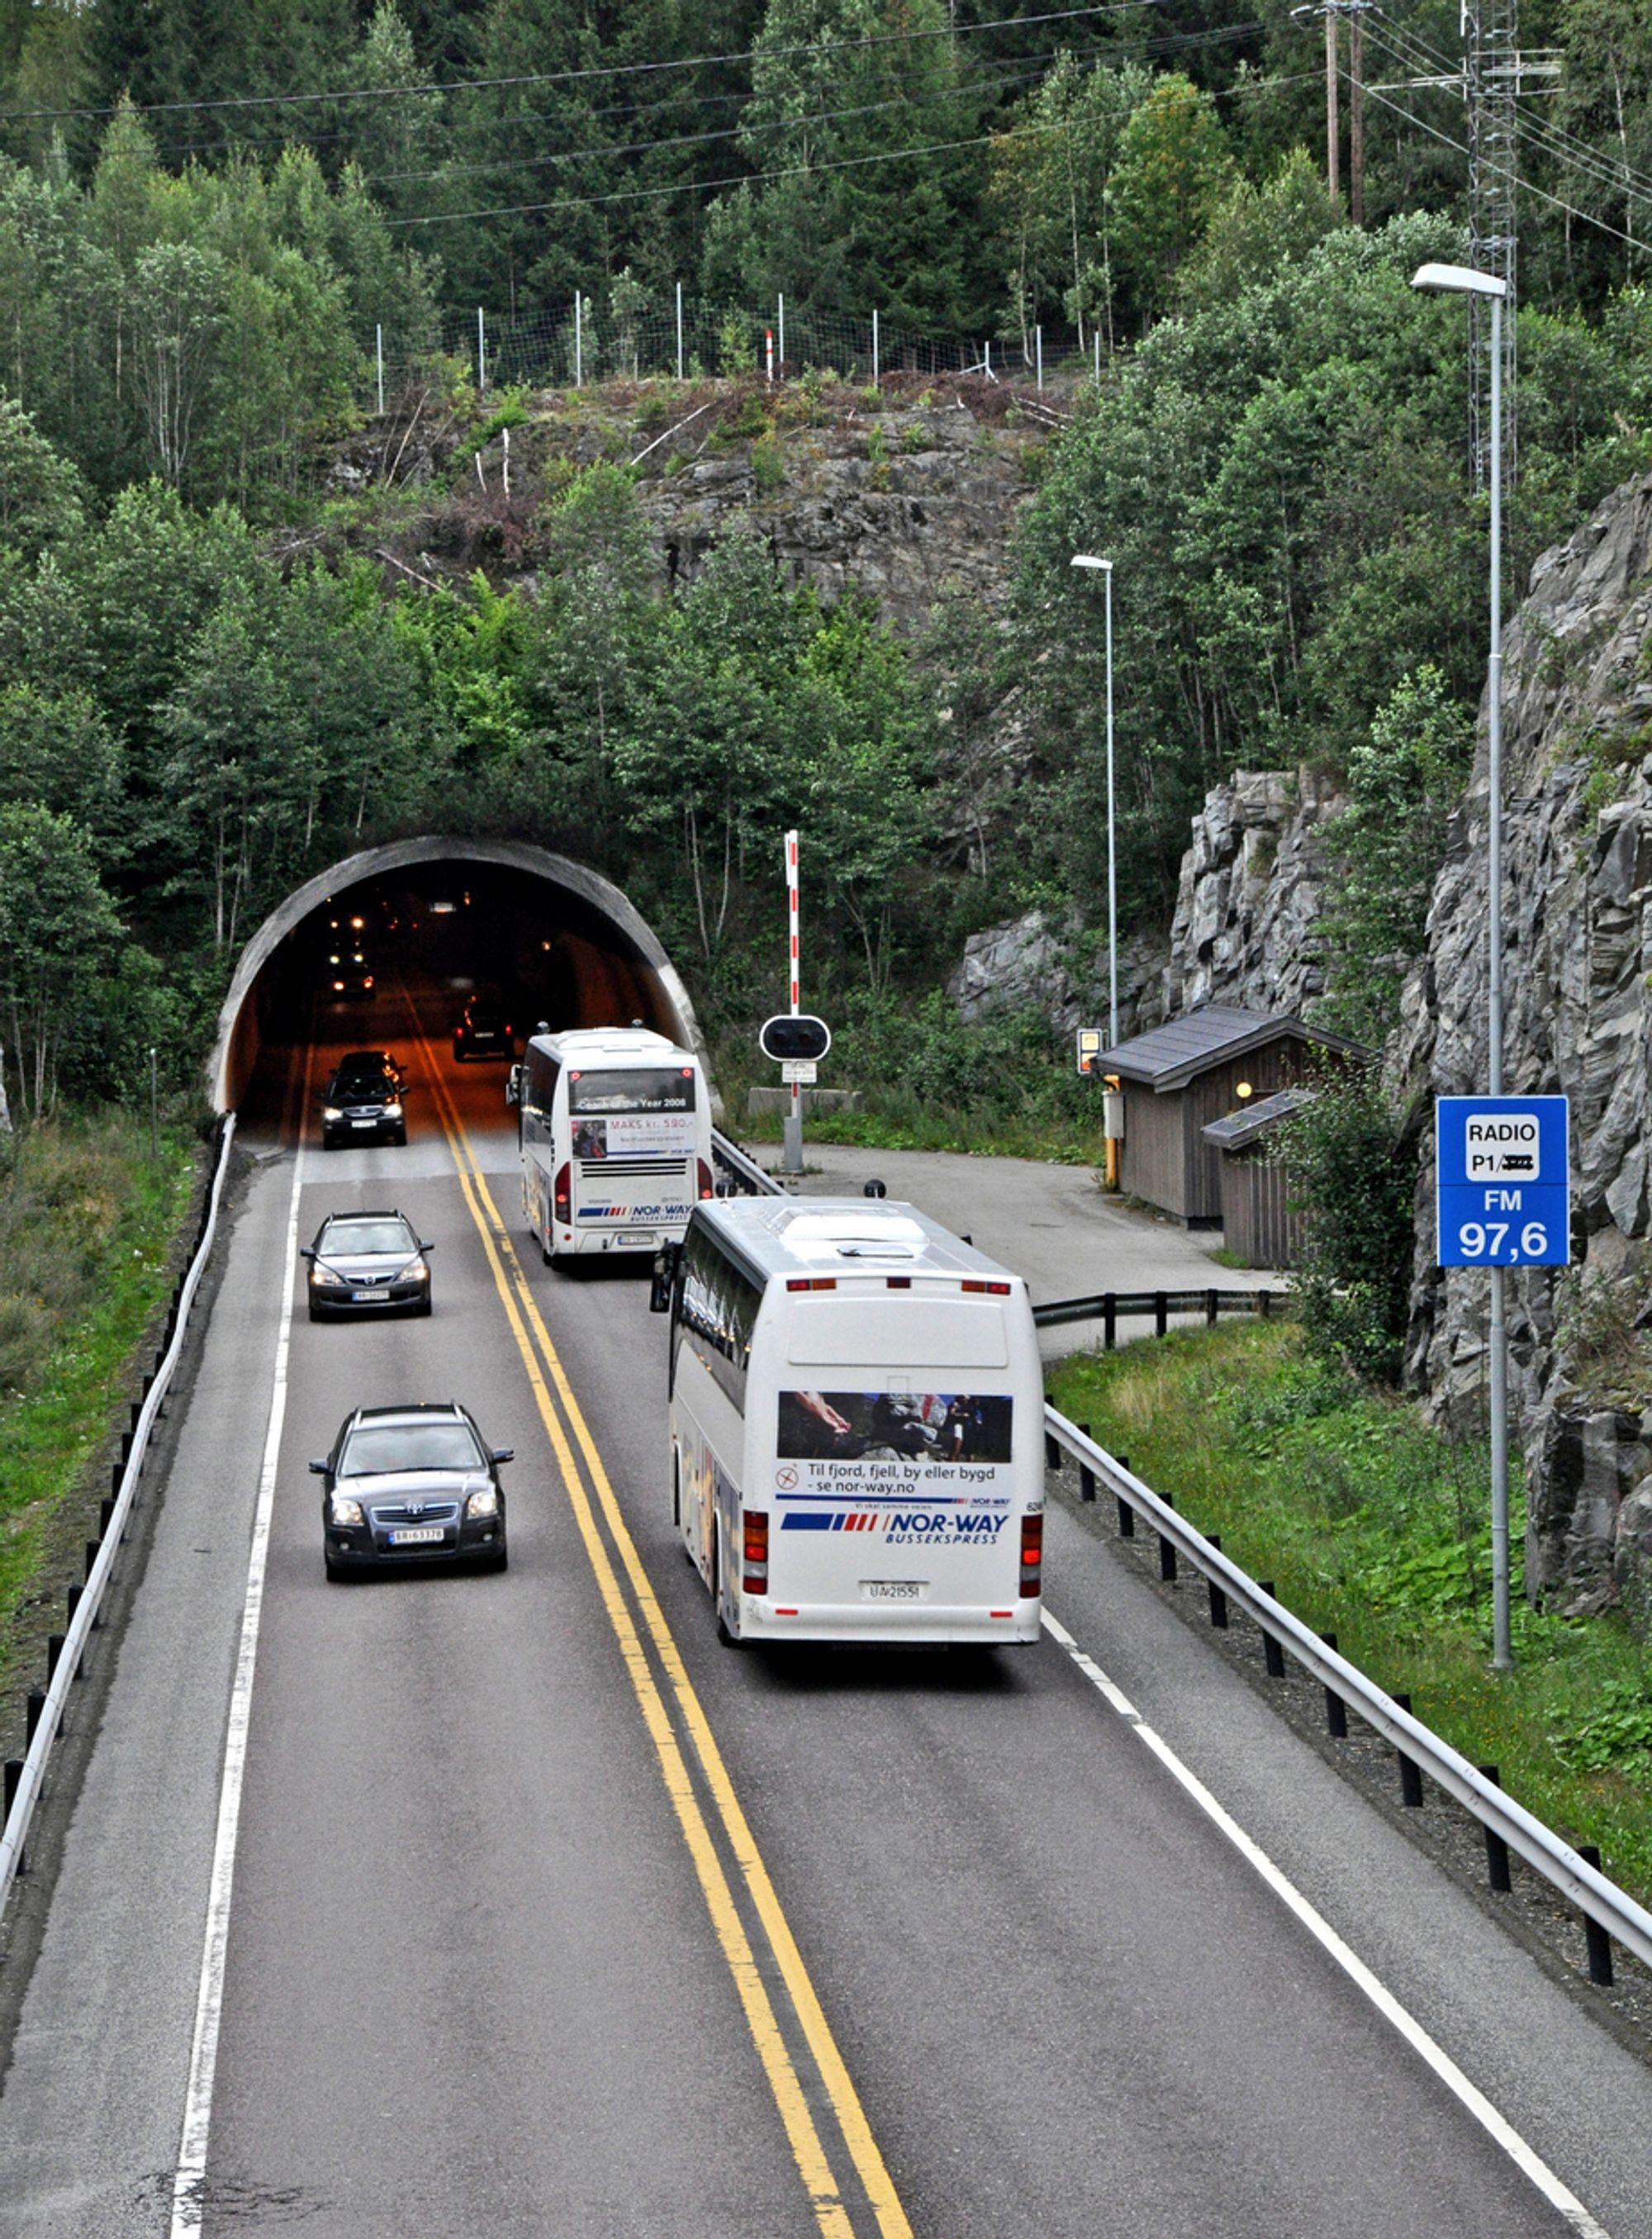 I dag går det trafikk i begge retninger gjennom Eidsvolltunnelen. Fra 15. mai 2012 blir dette nordgående løp i en to-løps tunnel. Veidekke står for utvidelsen.